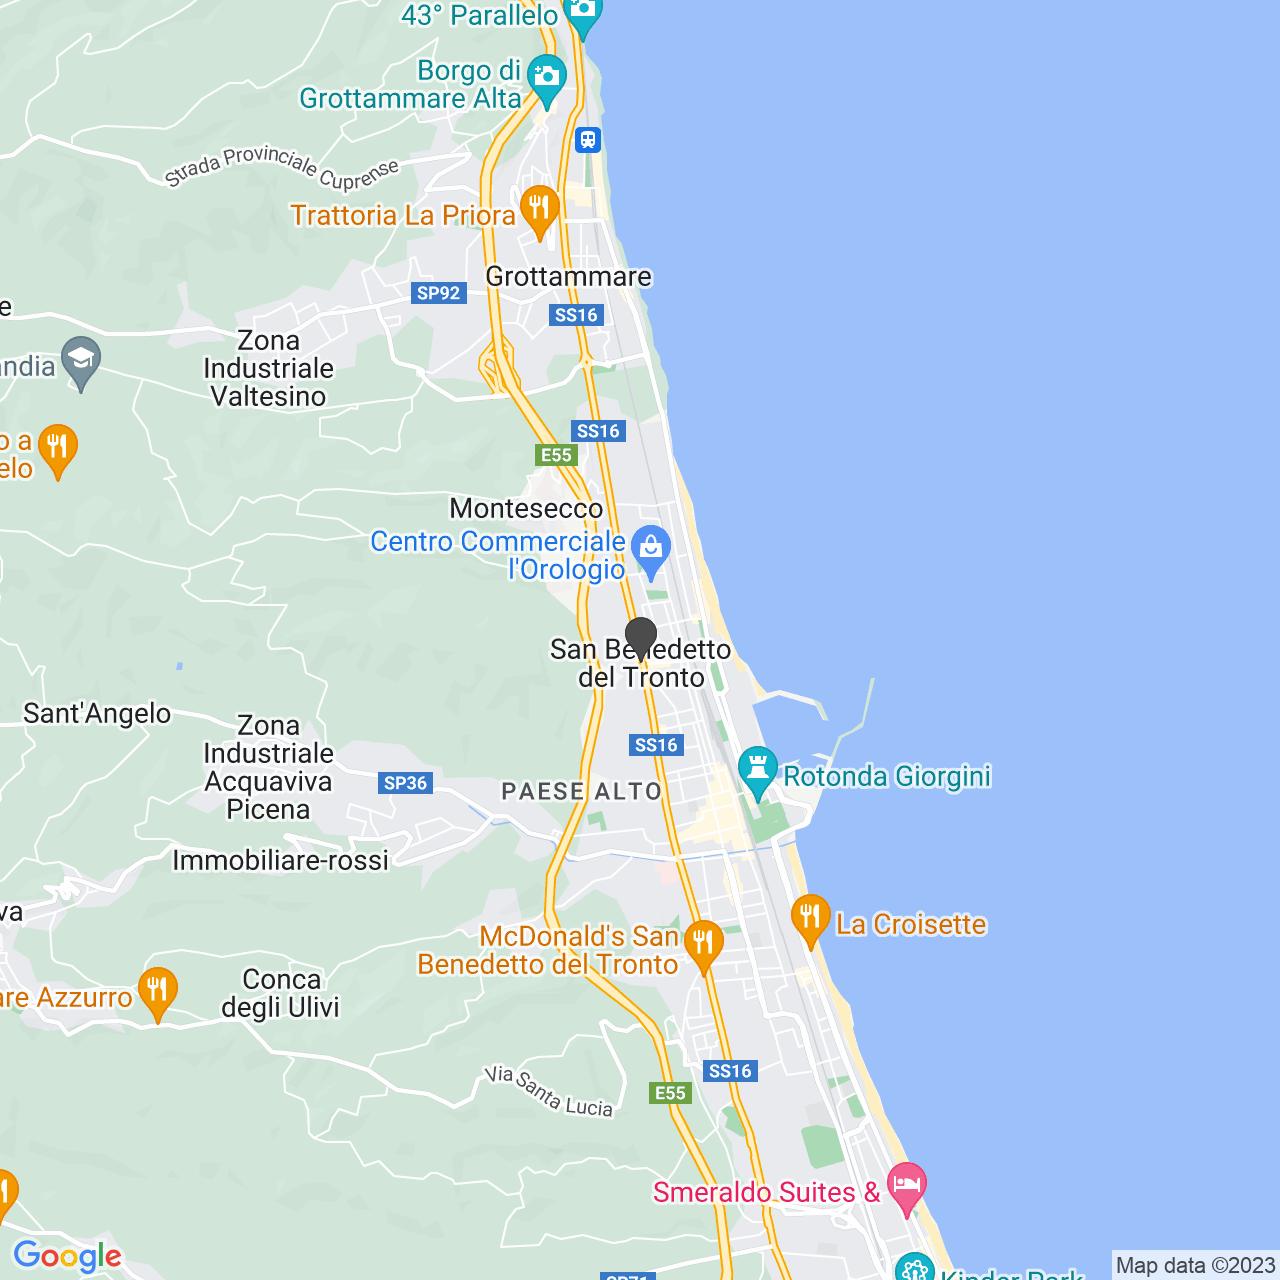 CIMITERO SAN BENEDETTO DEL TRONTO